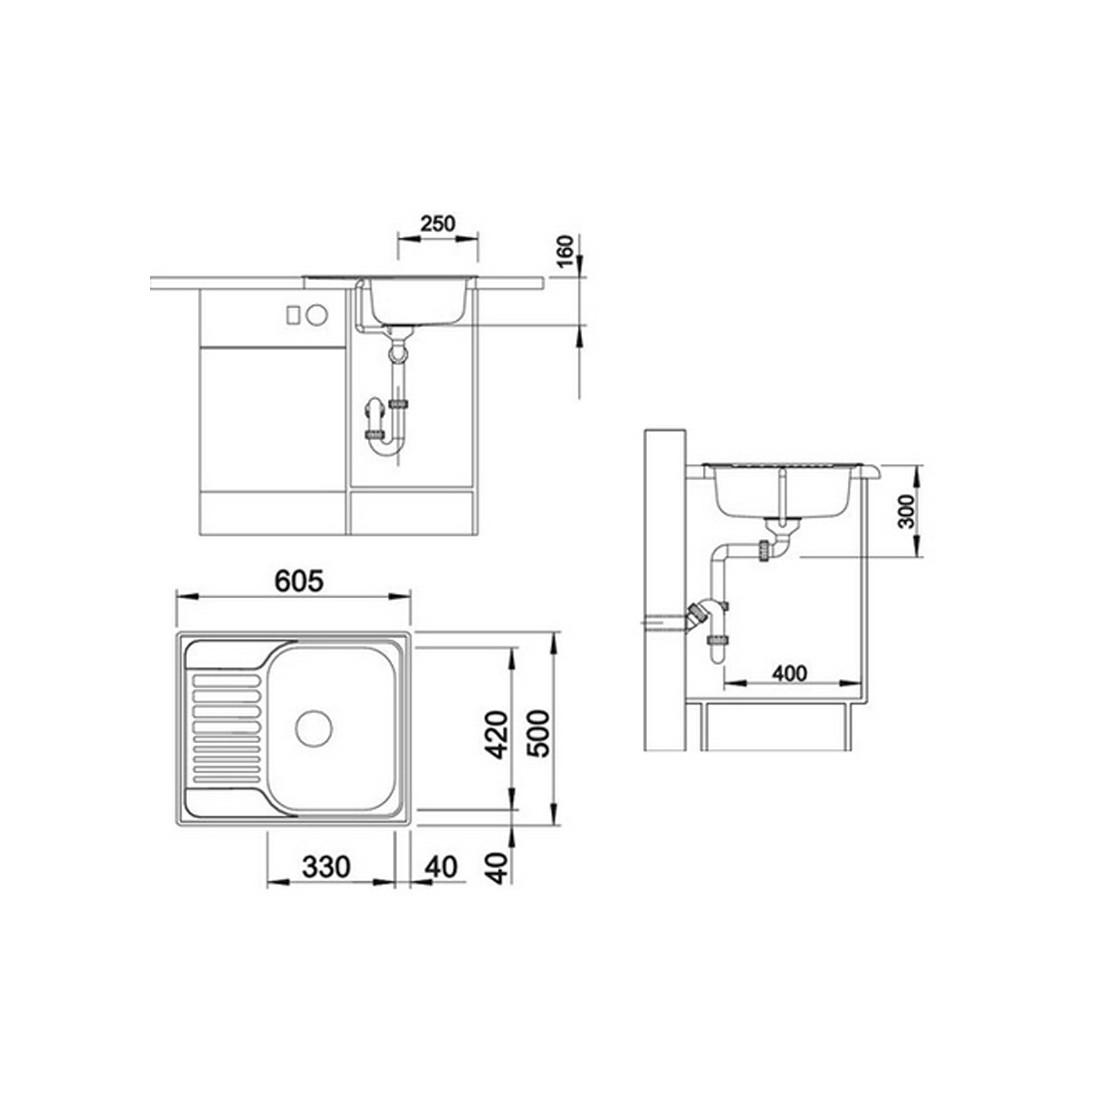 Plautuvė BLANCOTIPO 45S Mini, 605x500, plieninė, linijinis paviršius